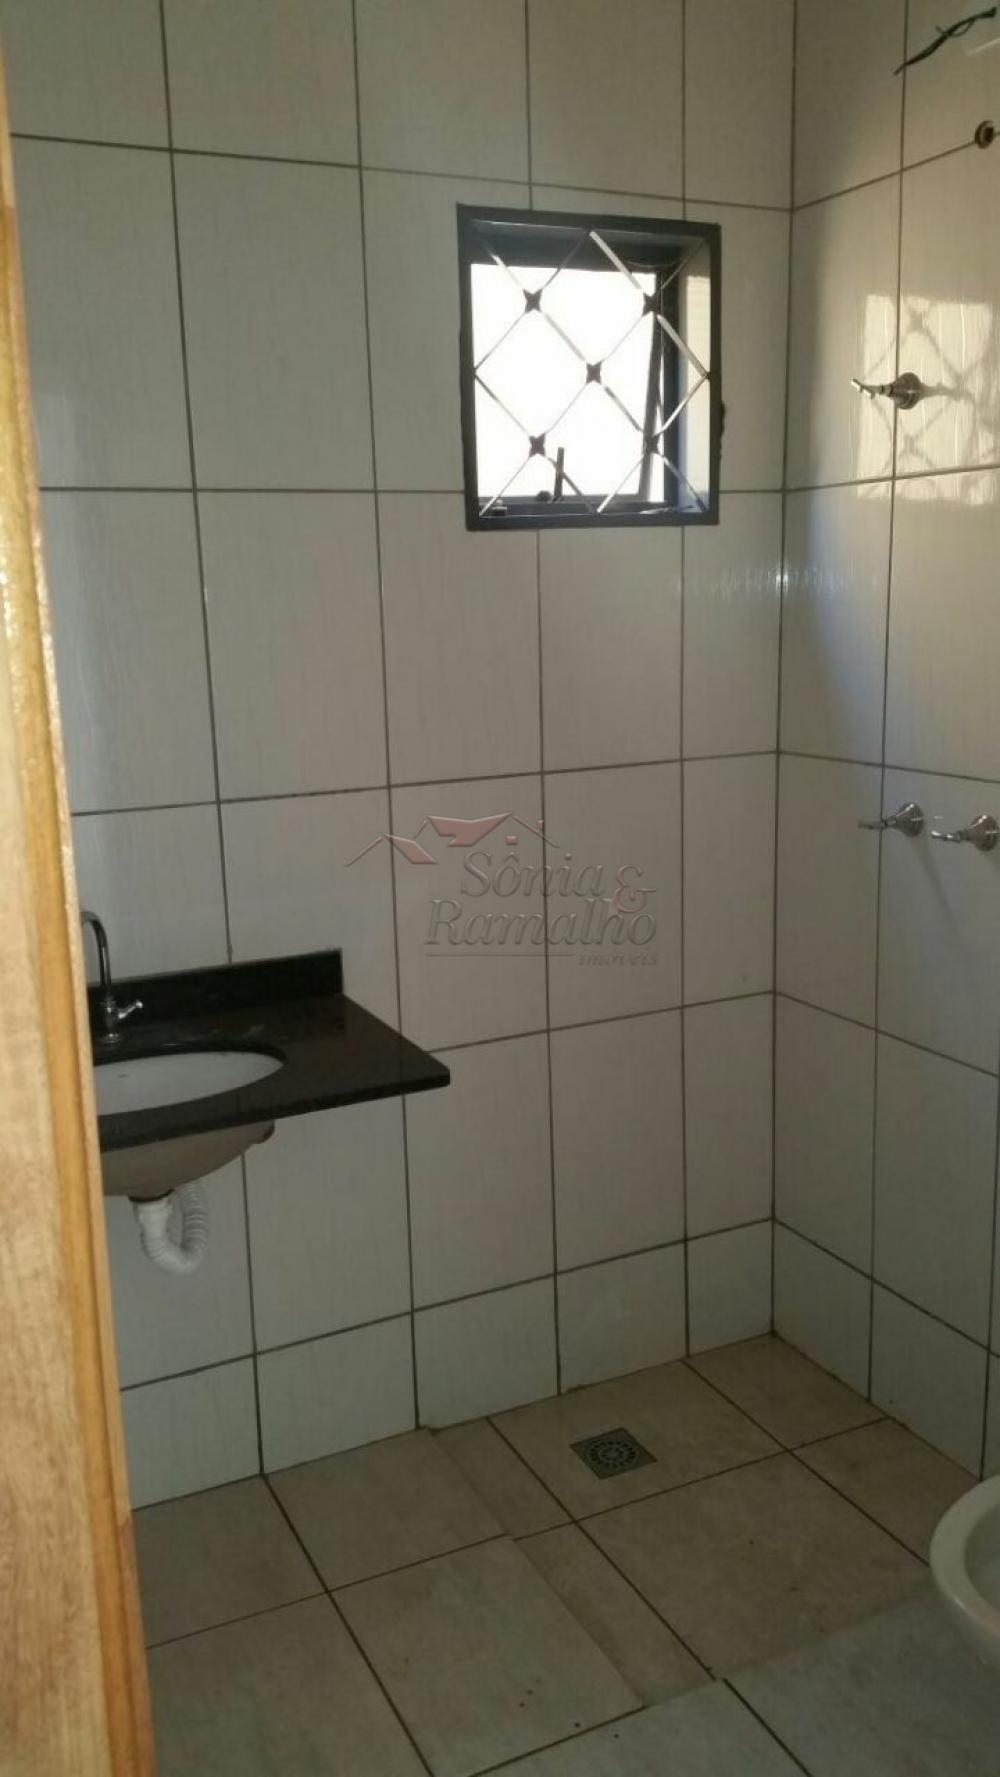 Alugar Casas / Condomínio em Ribeirão Preto apenas R$ 850,00 - Foto 18